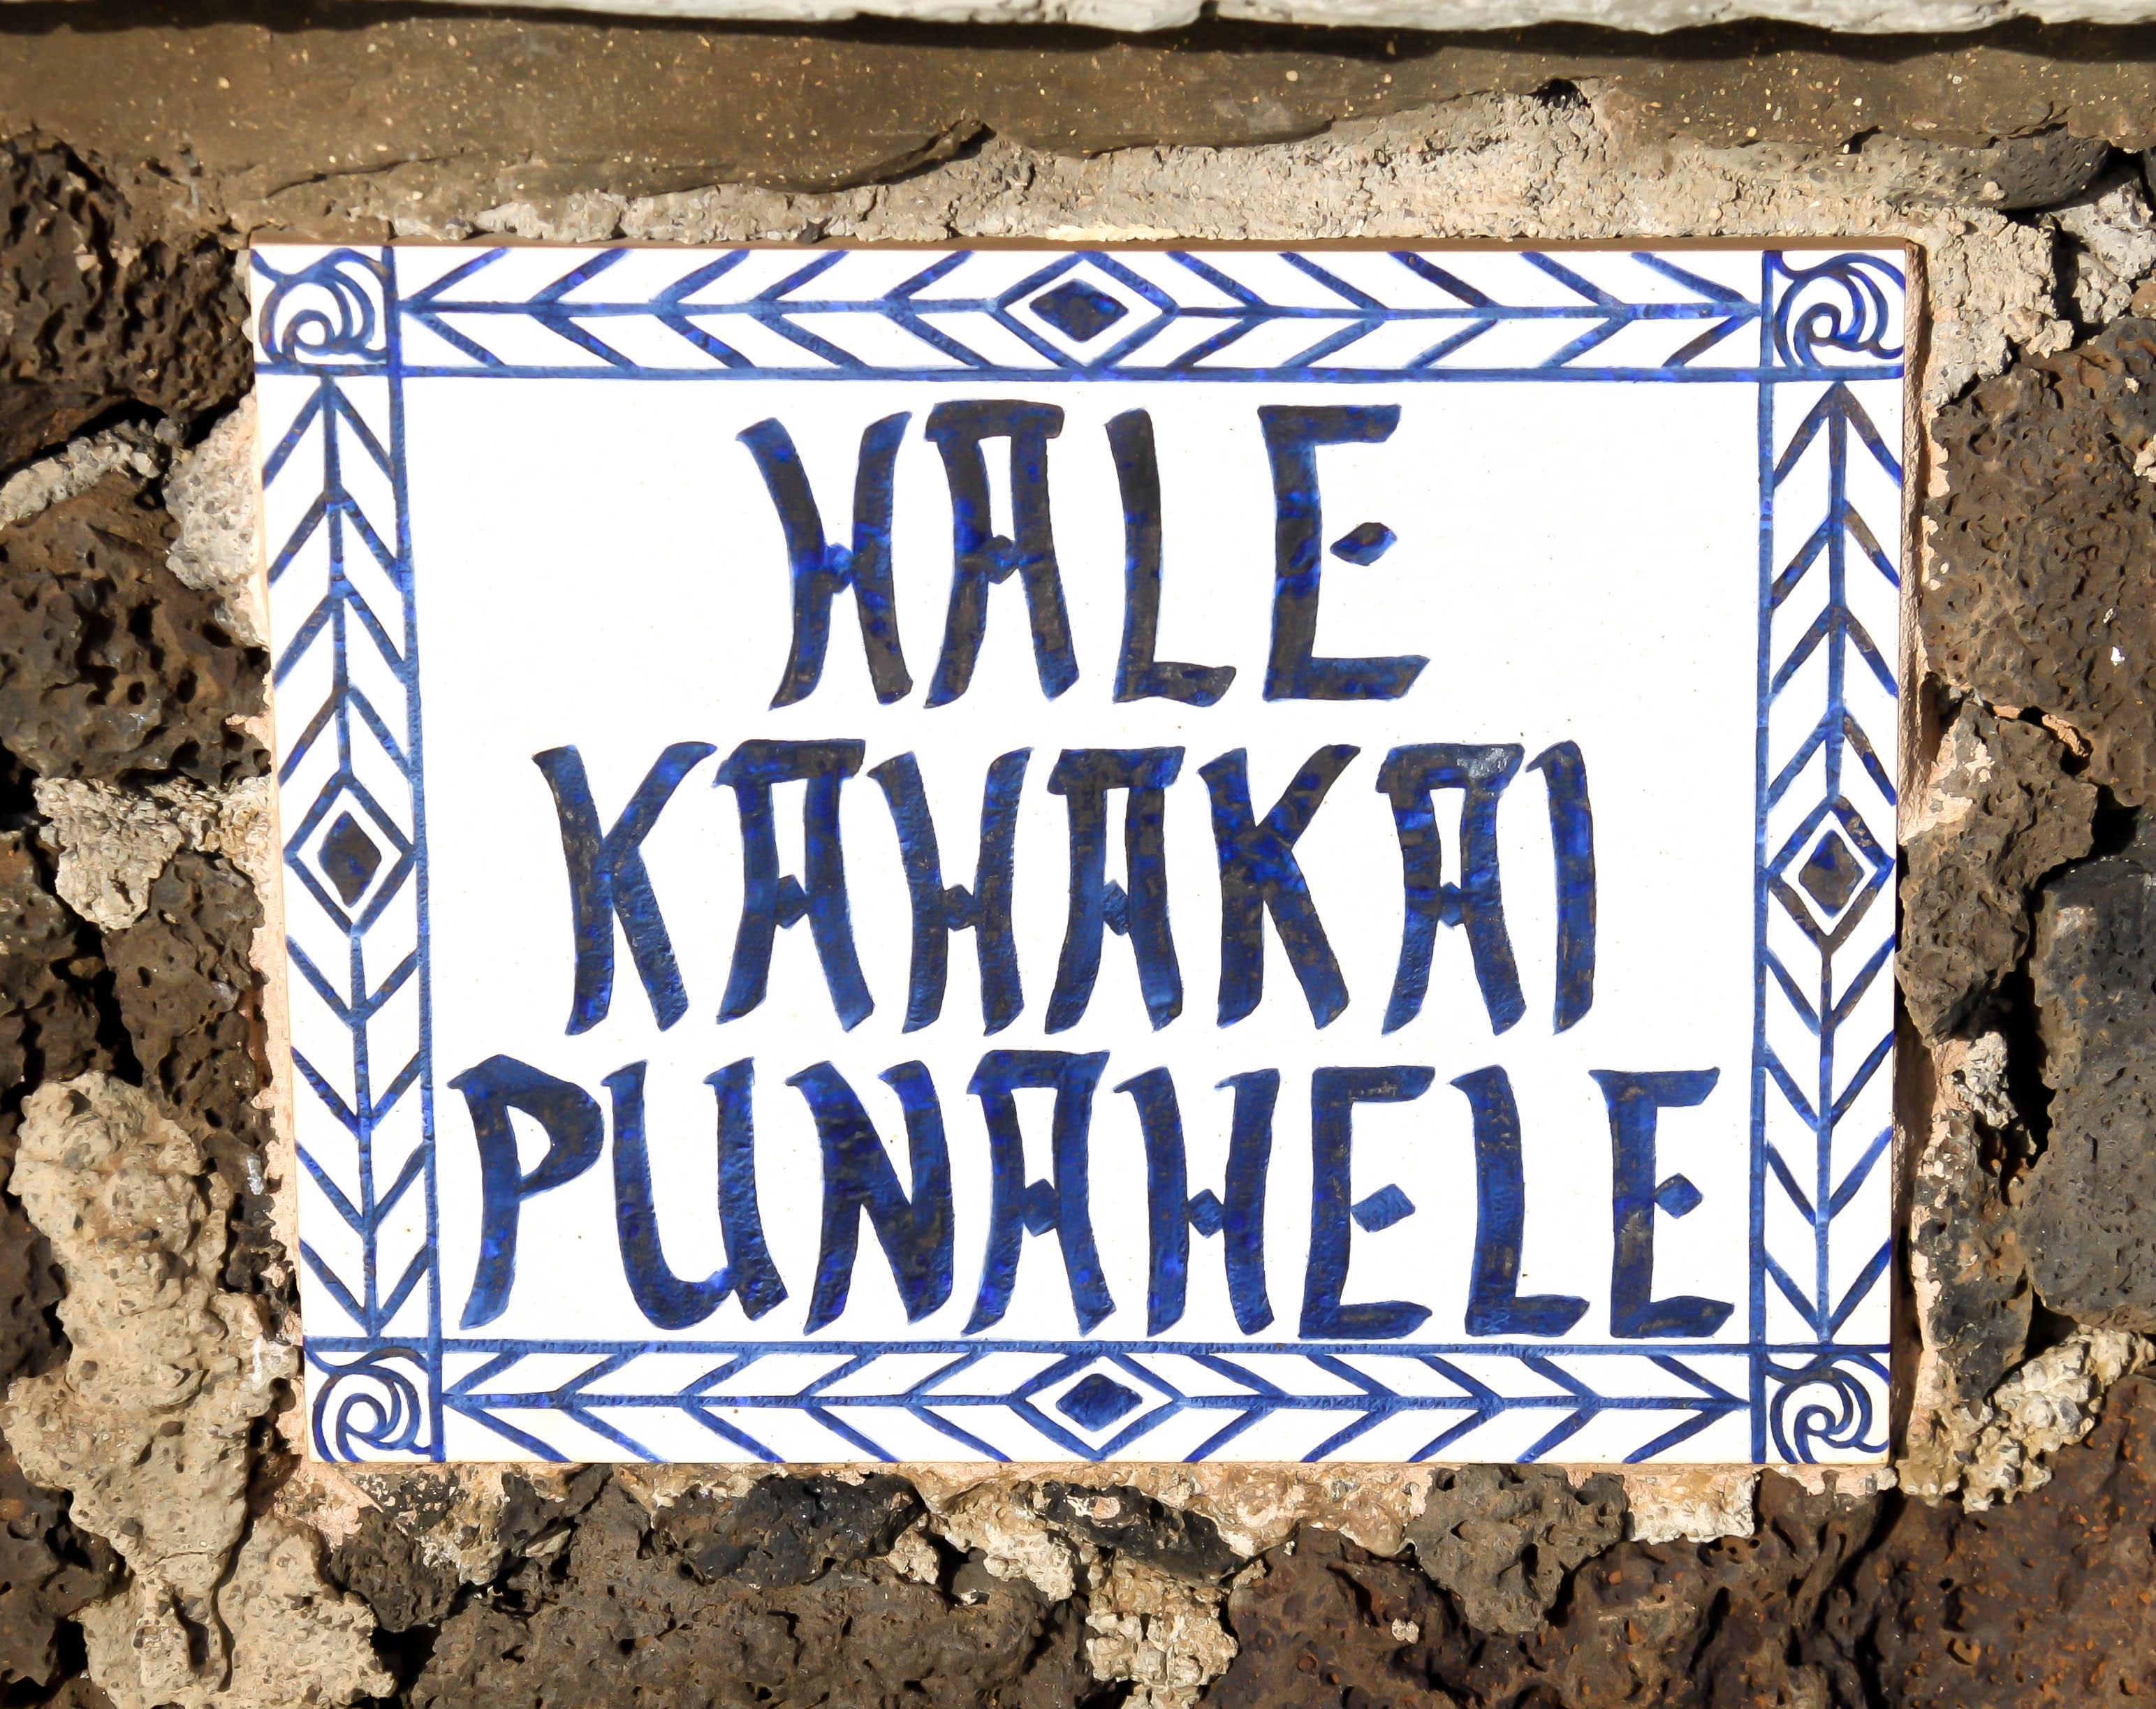 Sign on the front of Hale Kahakai Punahele